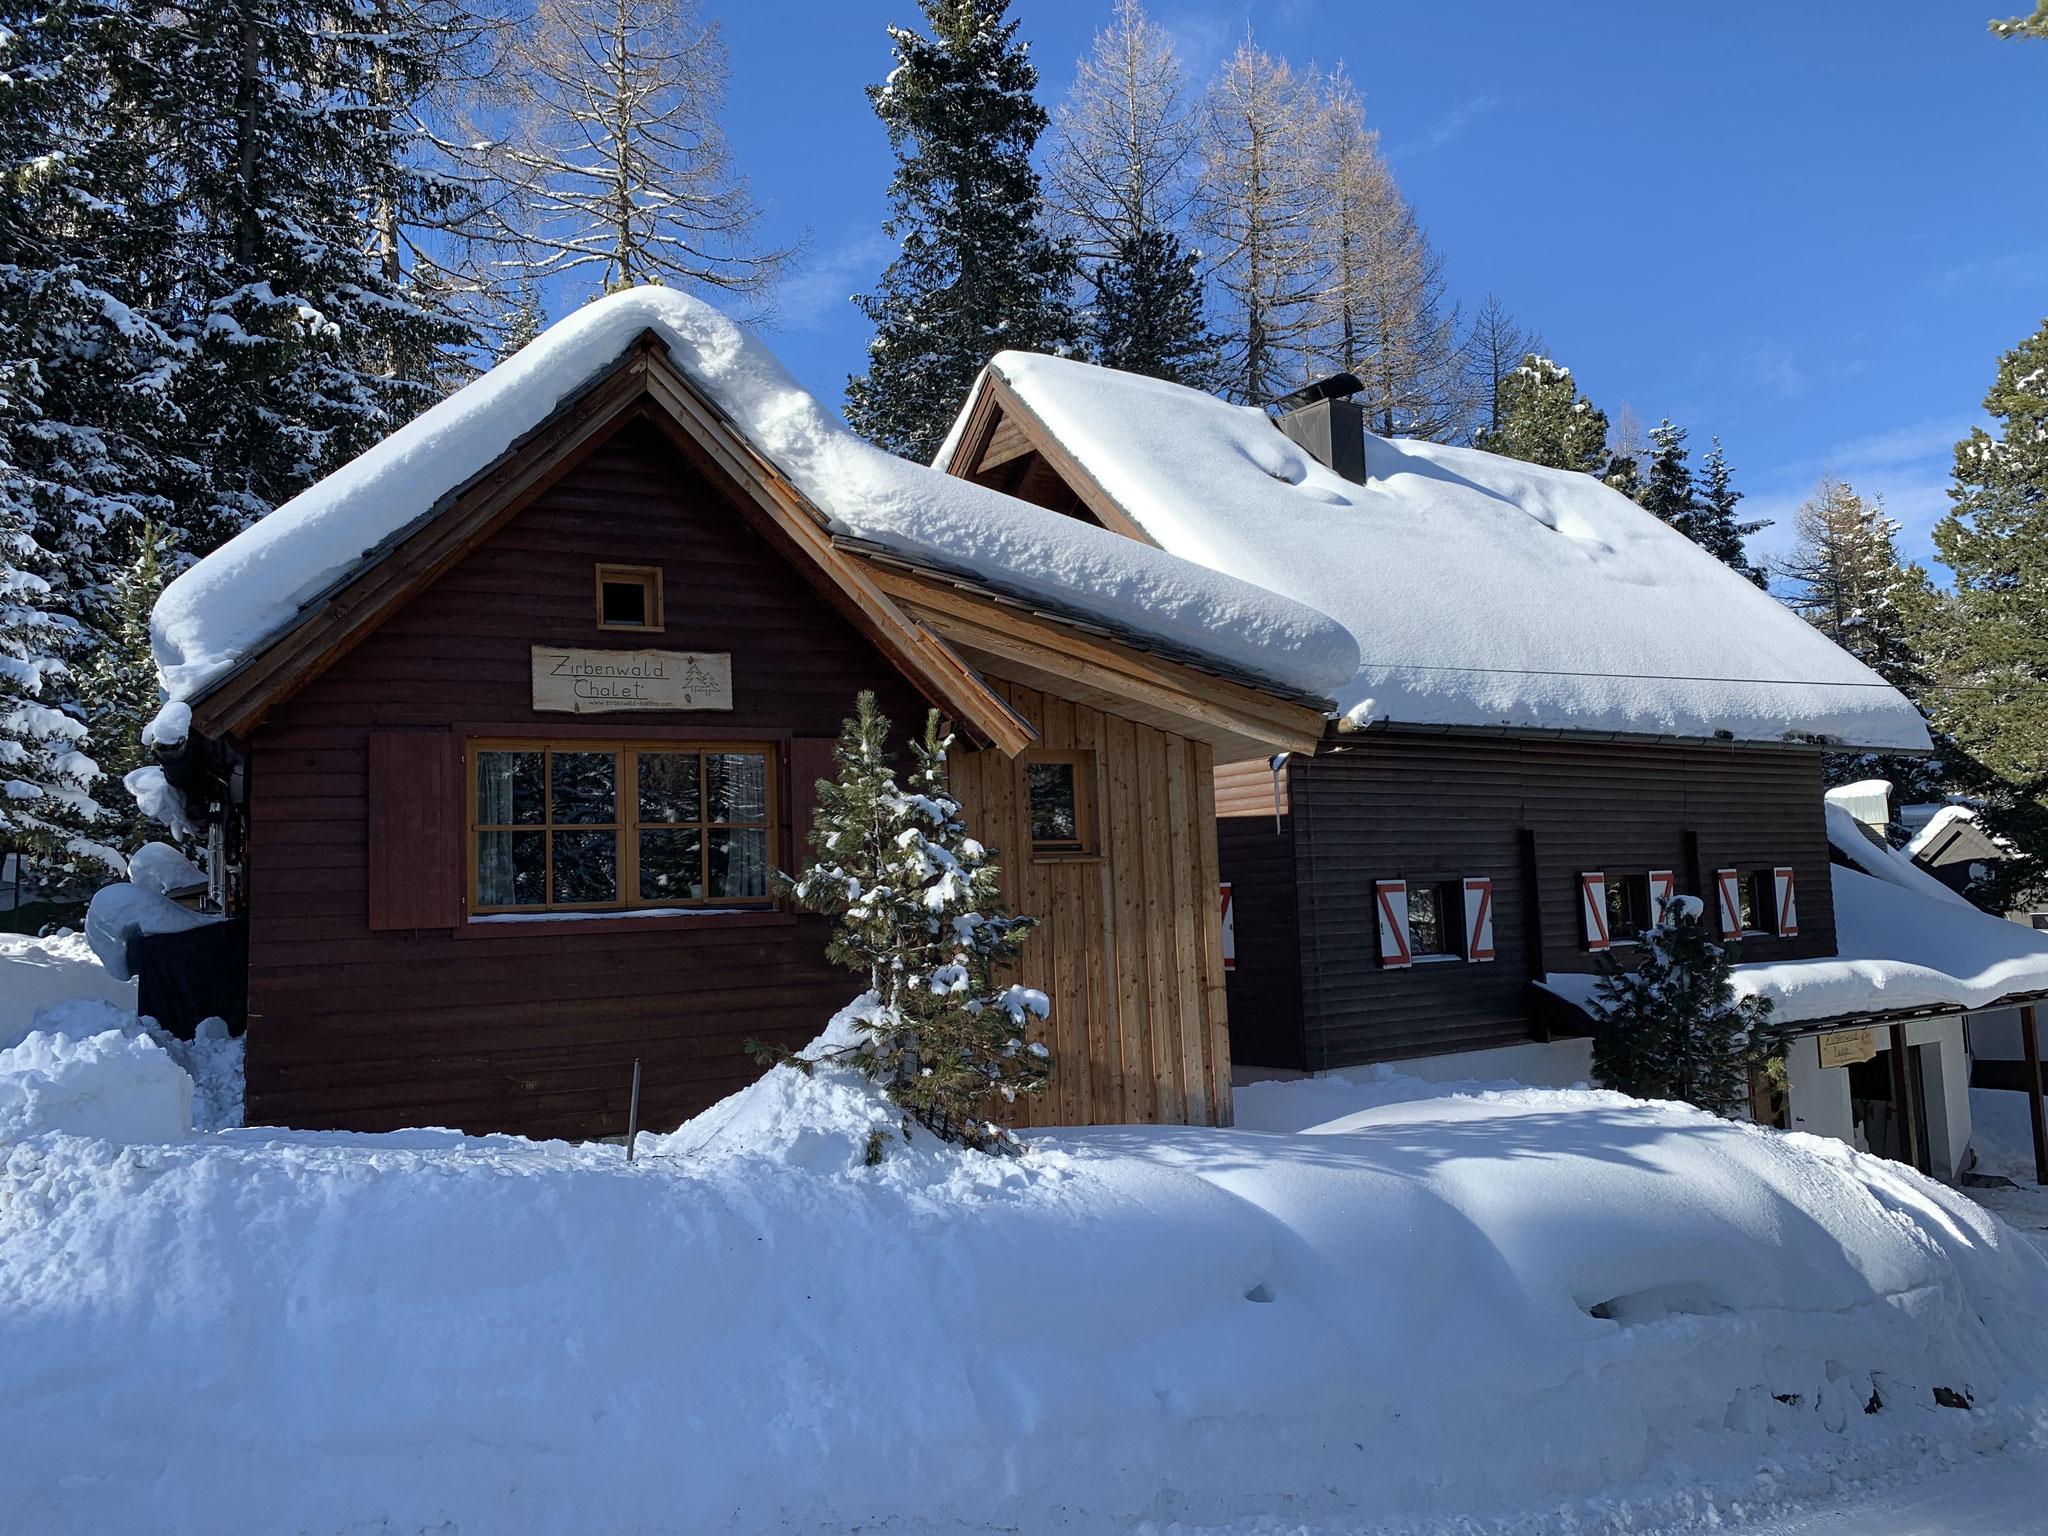 Zirbenwald-Chalet Turracher Höhe - Winter im Hintergrund unsere Zirbenwald Lodge